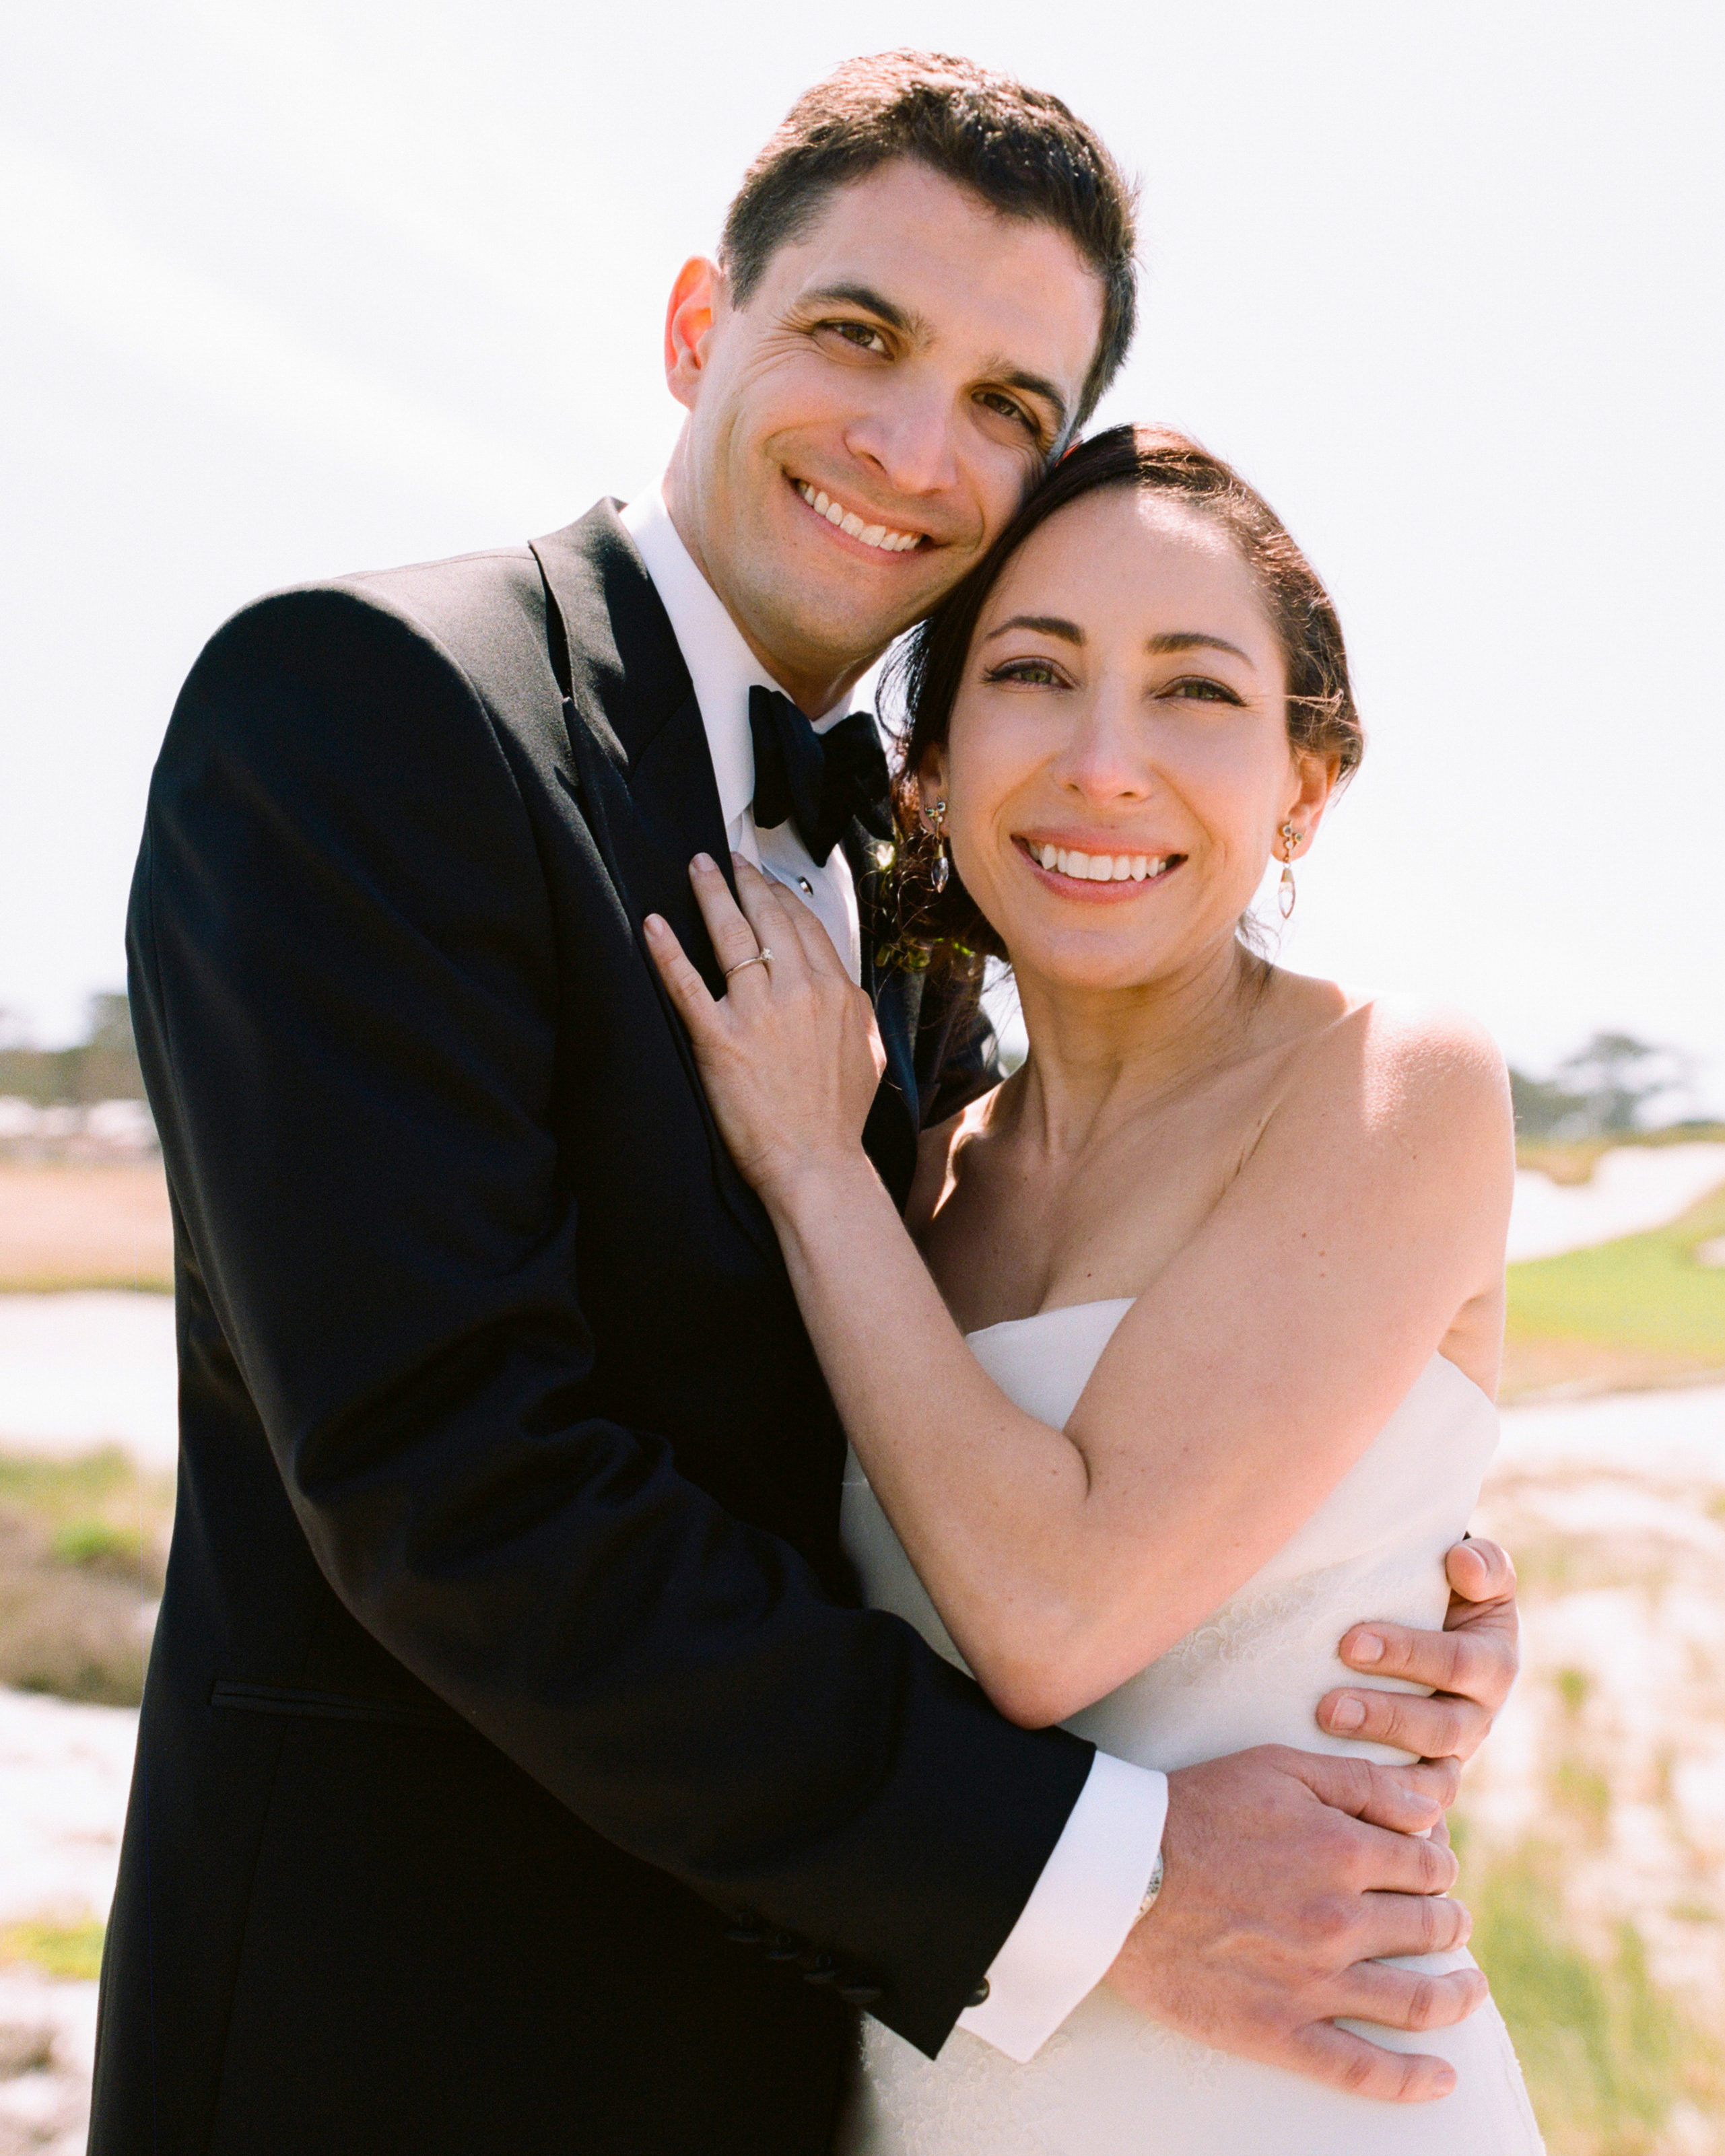 marwa-peter-wedding-portrait4-0414.jpg